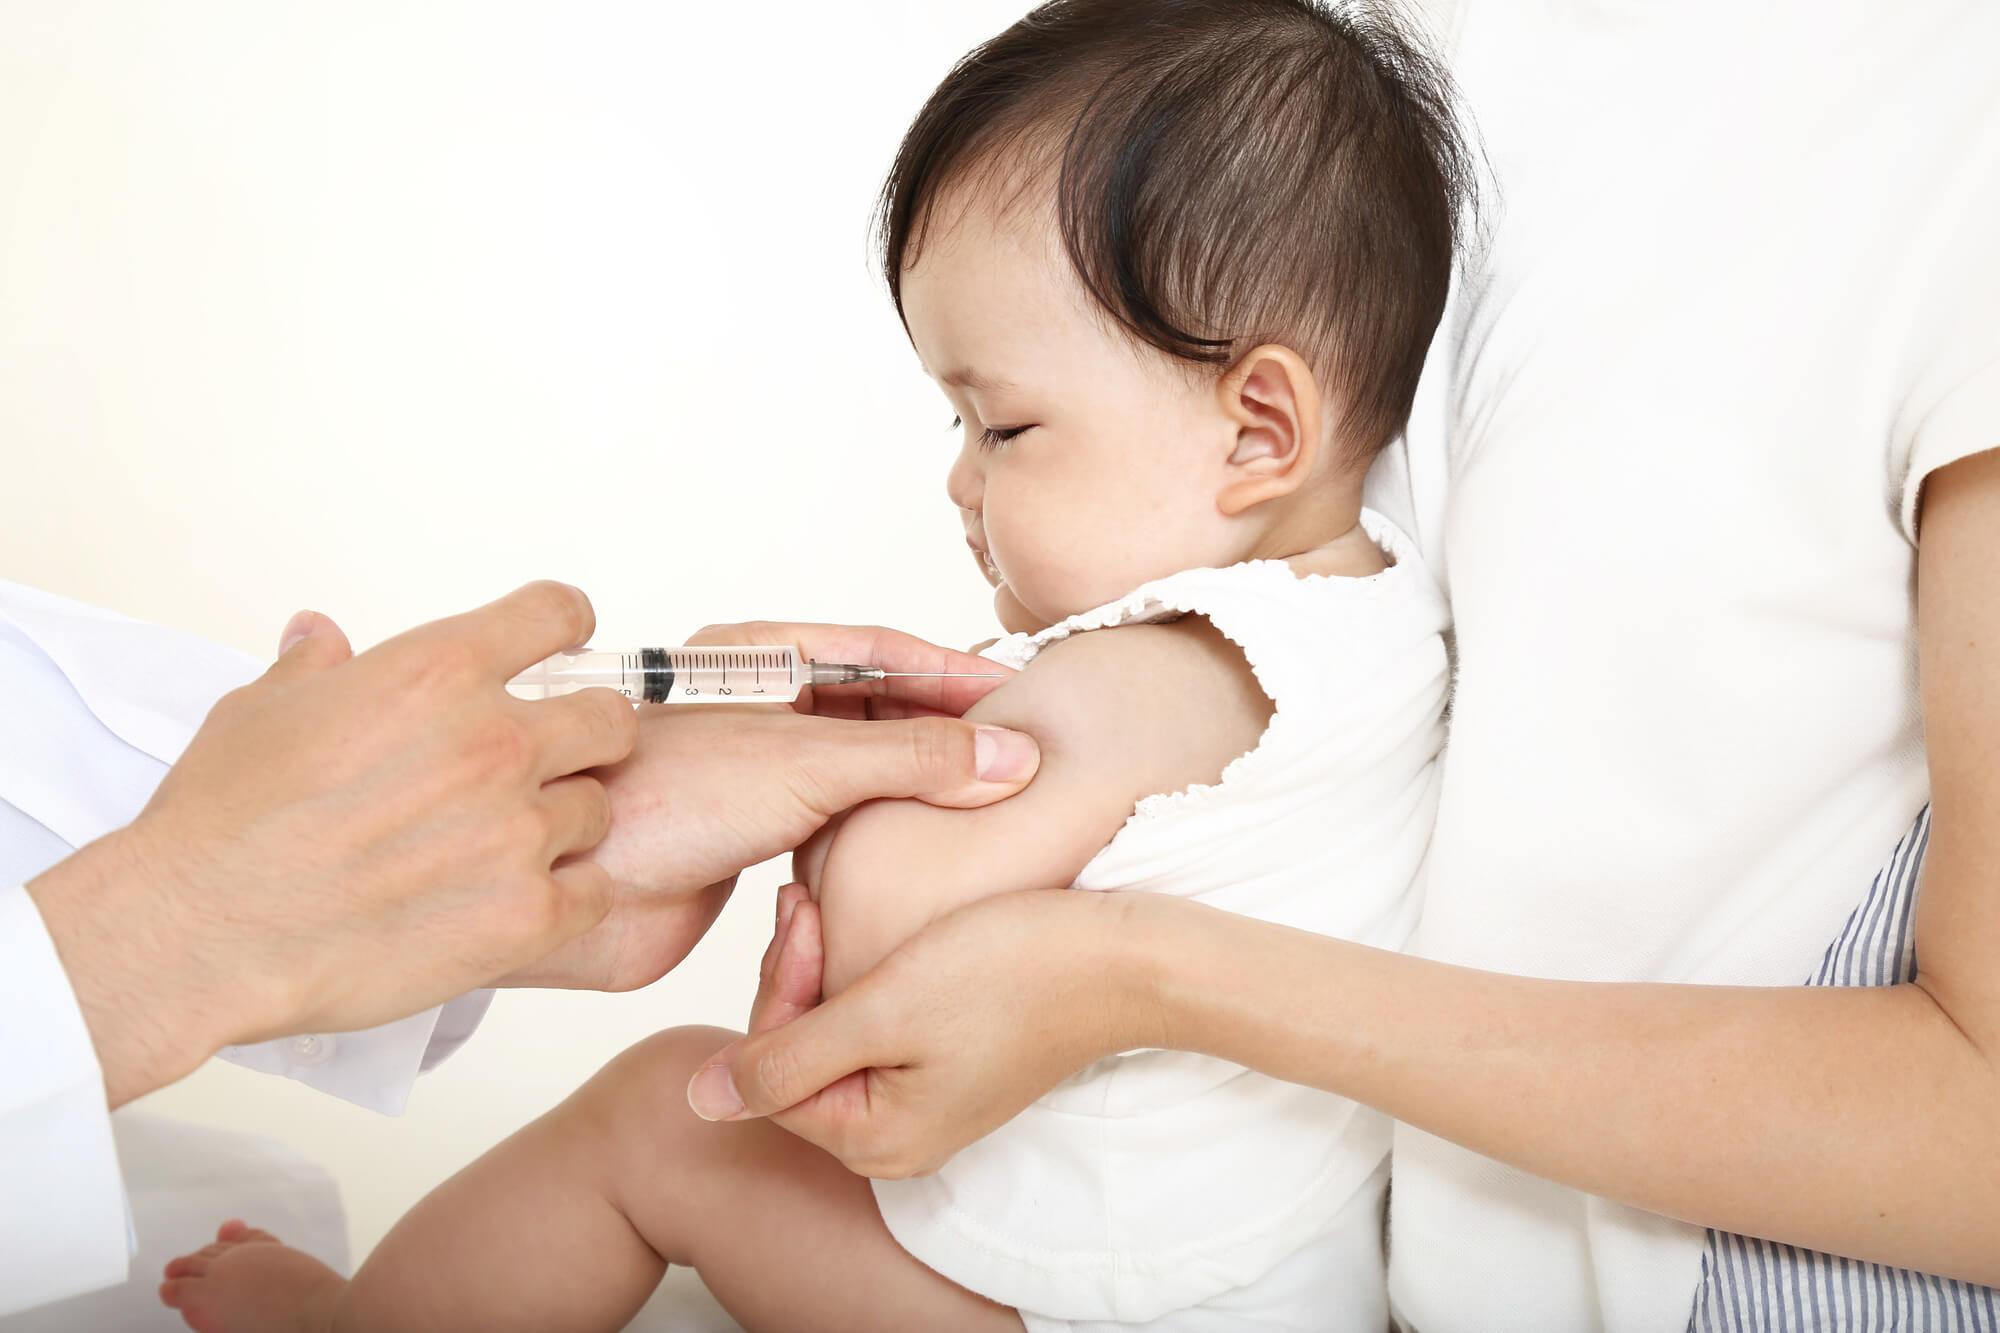 注射される赤ちゃん